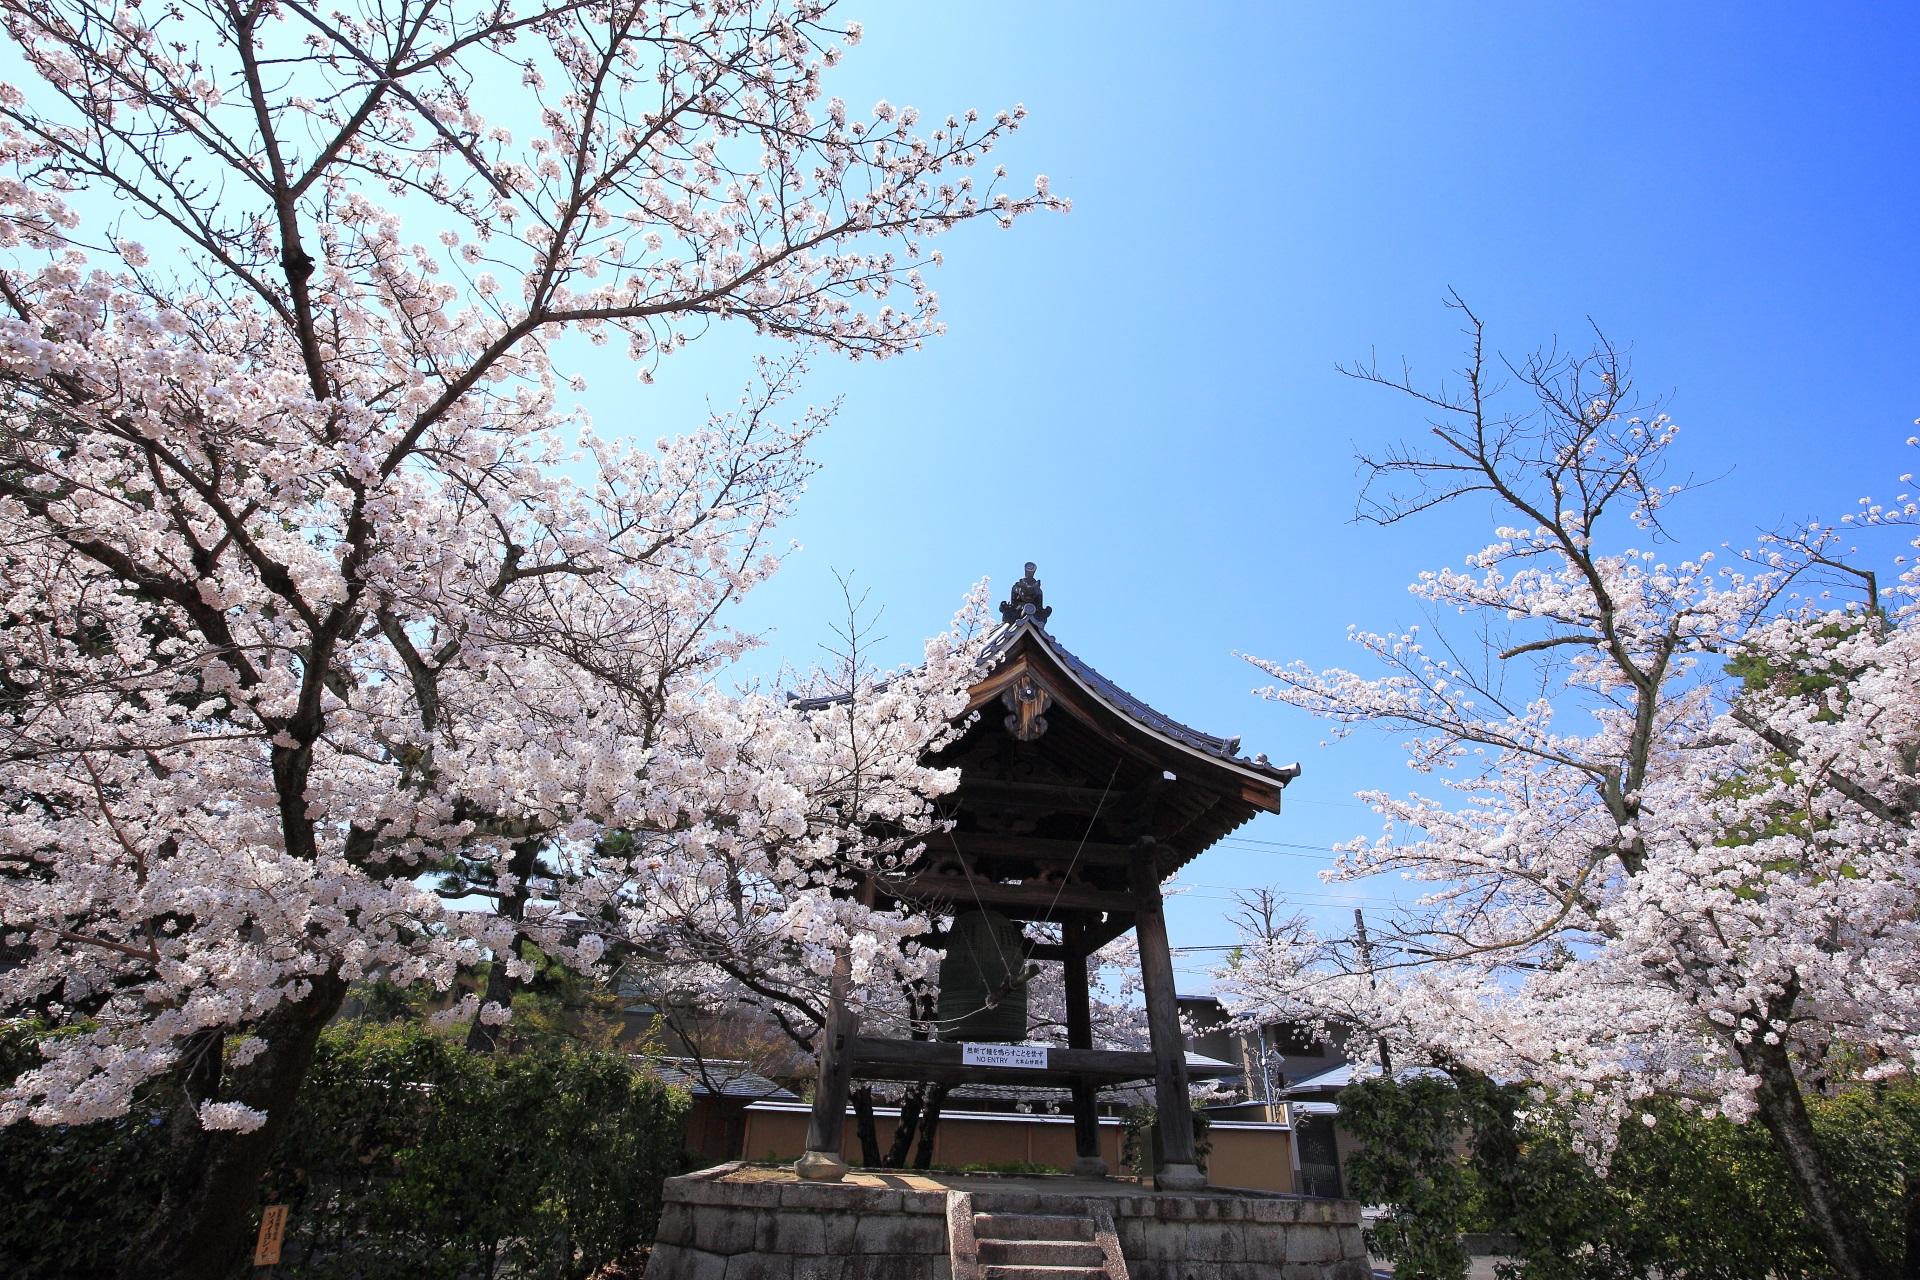 妙顕寺の鐘楼付近の優雅な桜